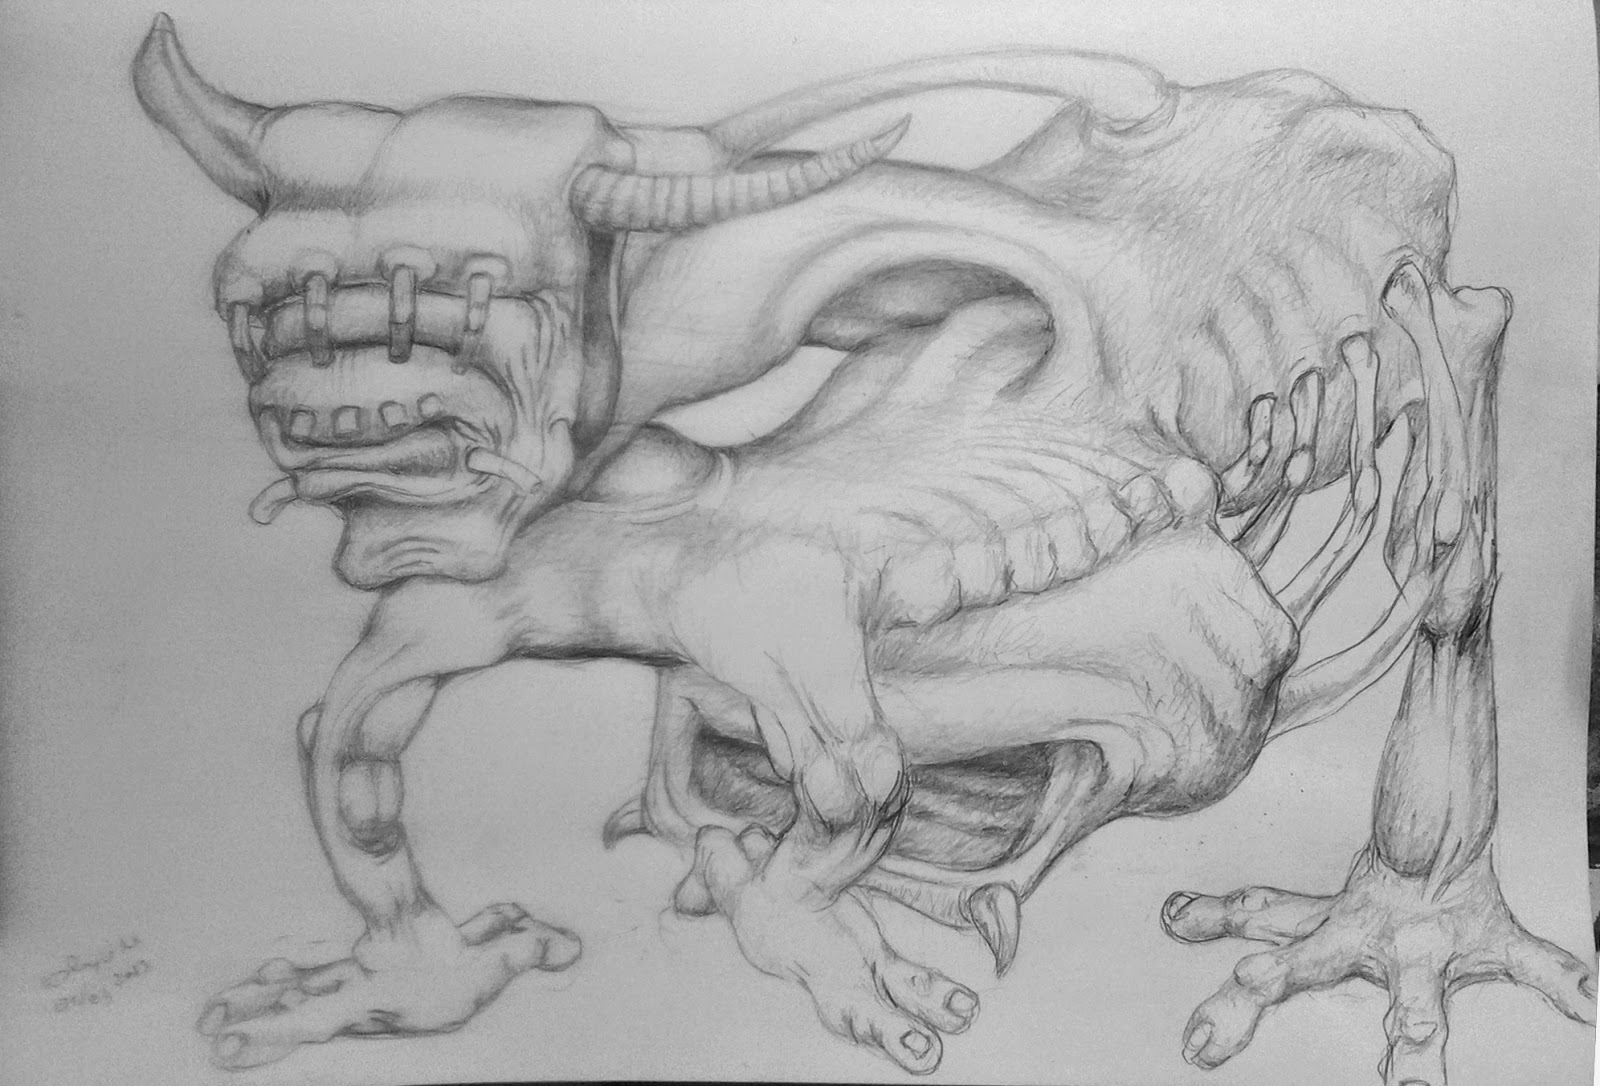 http://2.bp.blogspot.com/-SCTBPHc54cU/U8vhBviXWTI/AAAAAAAACKA/mqZCeADr0nE/s1600/Drawing+29.jpg